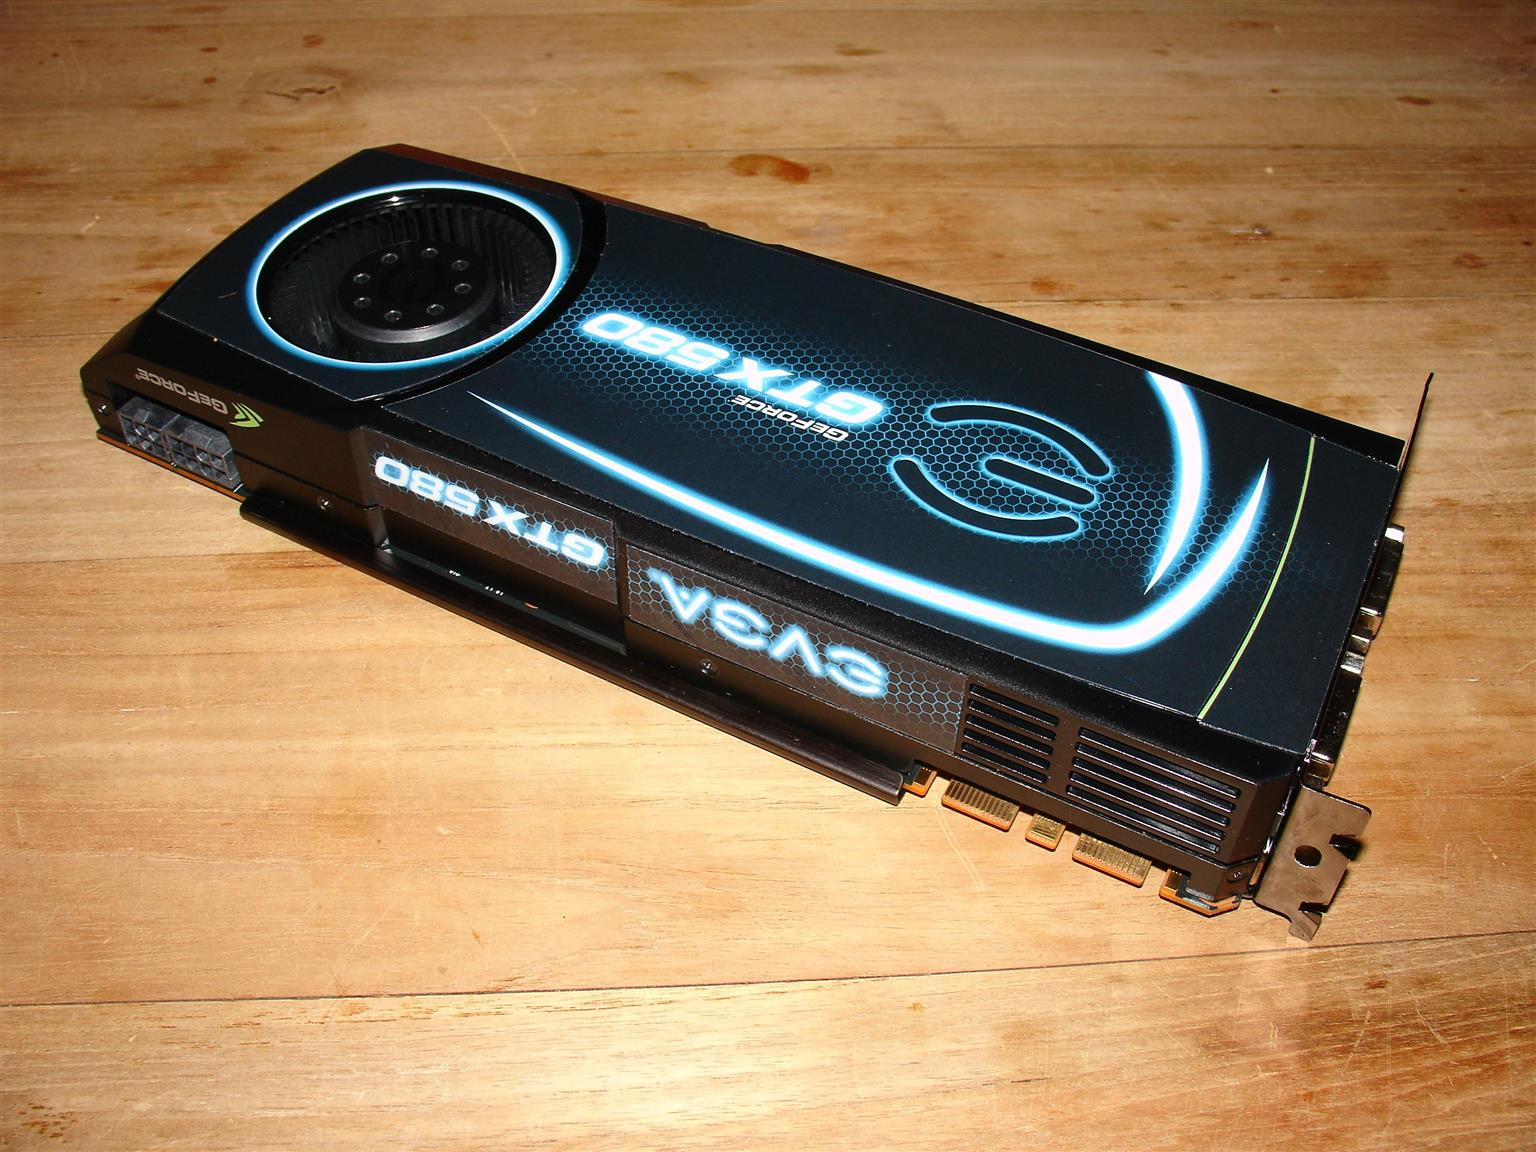 EVGA Nvidia GTX 580 GPU's (x2) in SLI for Sale